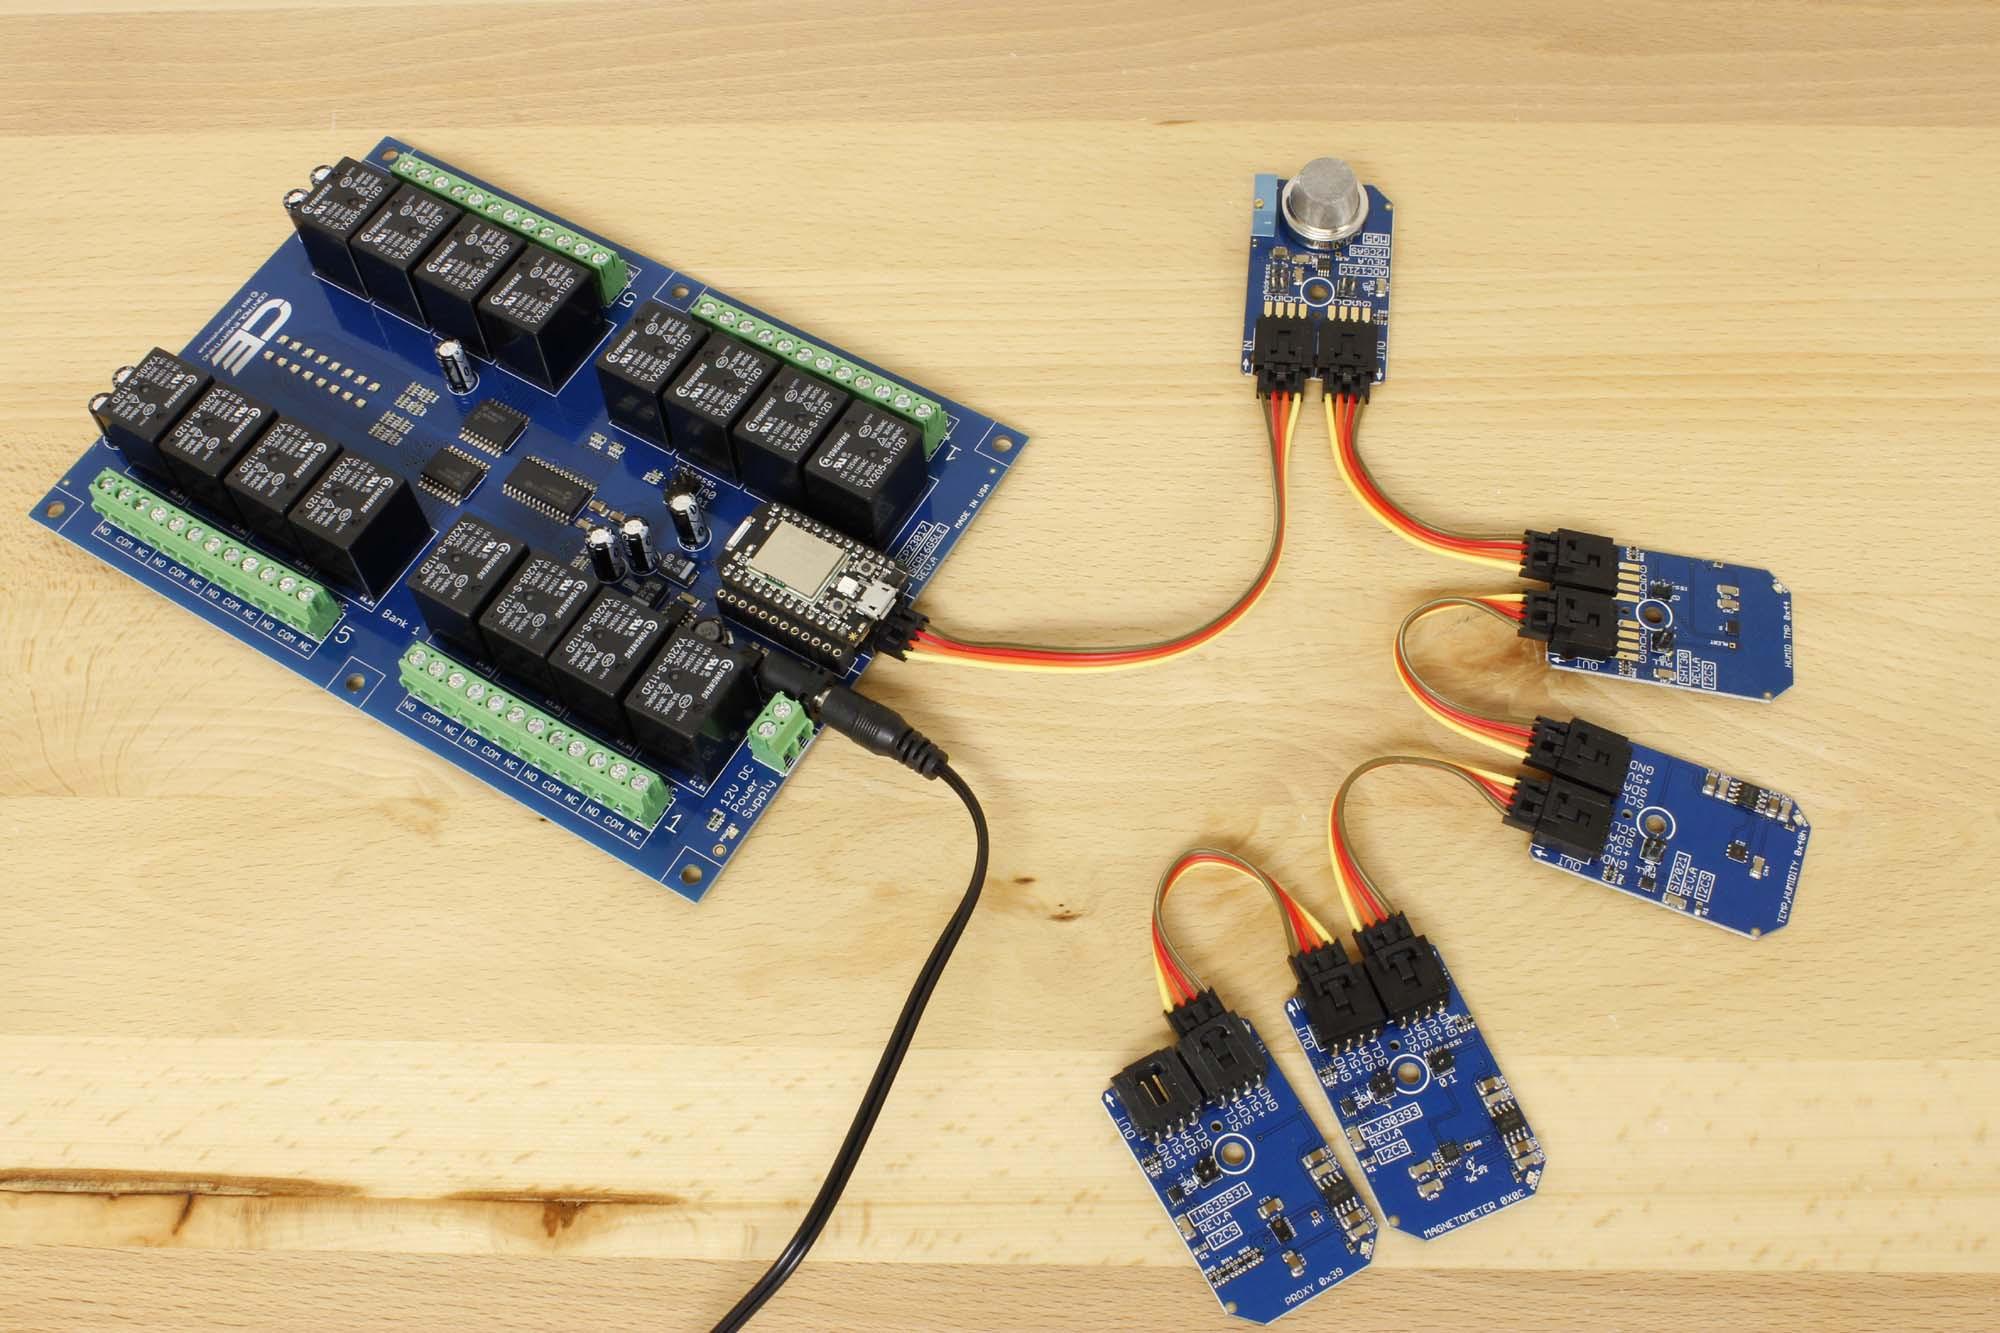 Tmg39931 Light Sensor Gesture Color Als And Proximity I2c To A Wiring Diagram Raspberry Pi Zero